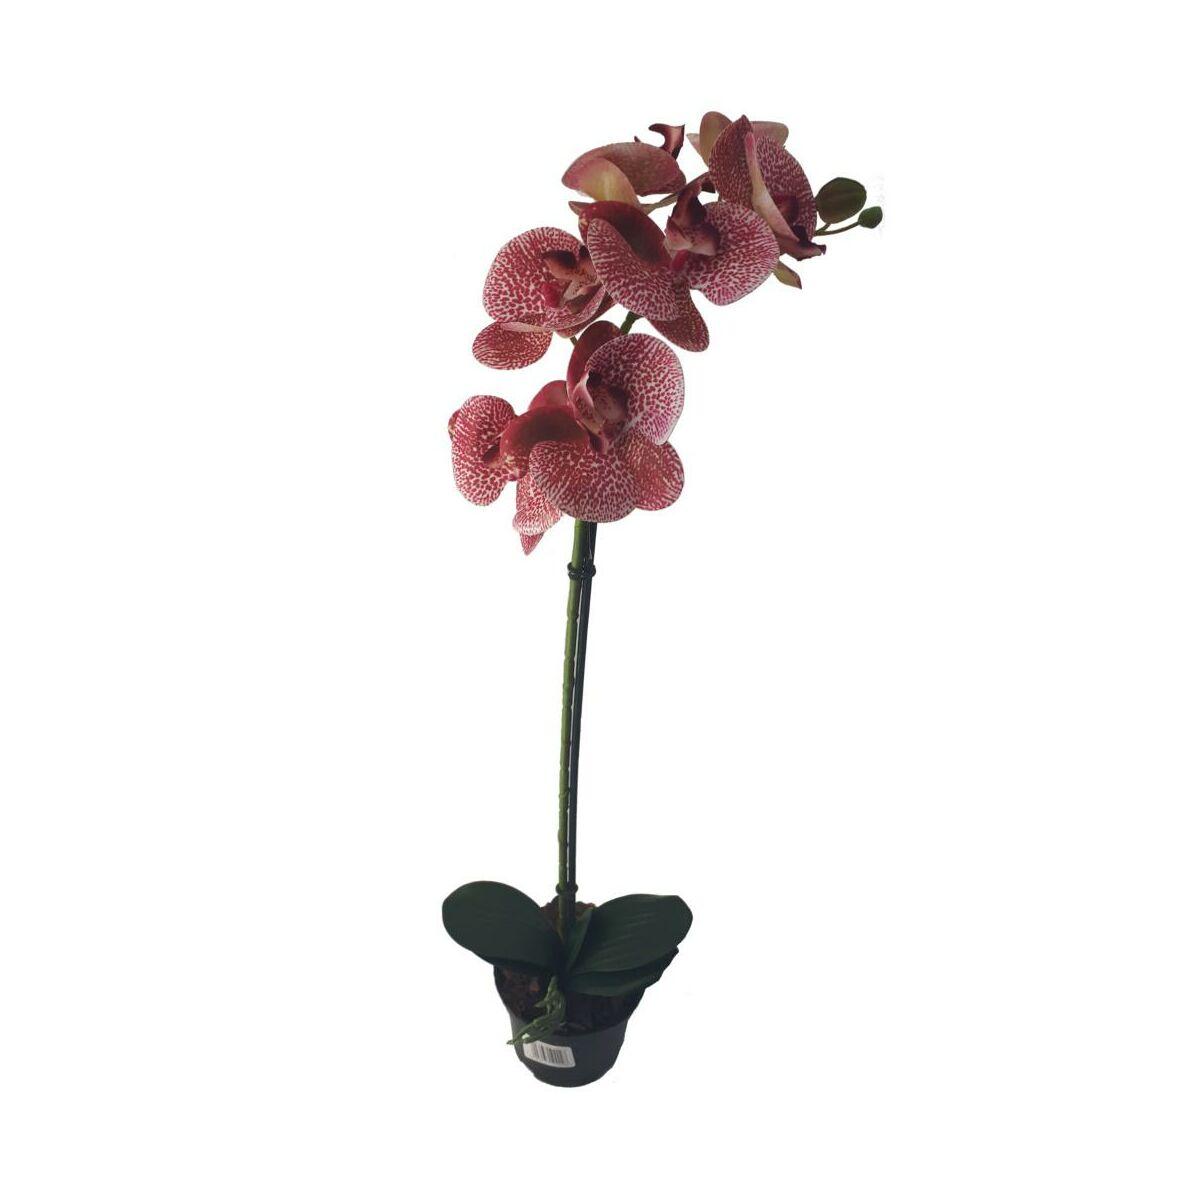 Storczyk Sztuczny W Doniczce 80 Cm 1 Ped Sztuczne Kwiaty W Atrakcyjnej Cenie W Sklepach Leroy Merlin